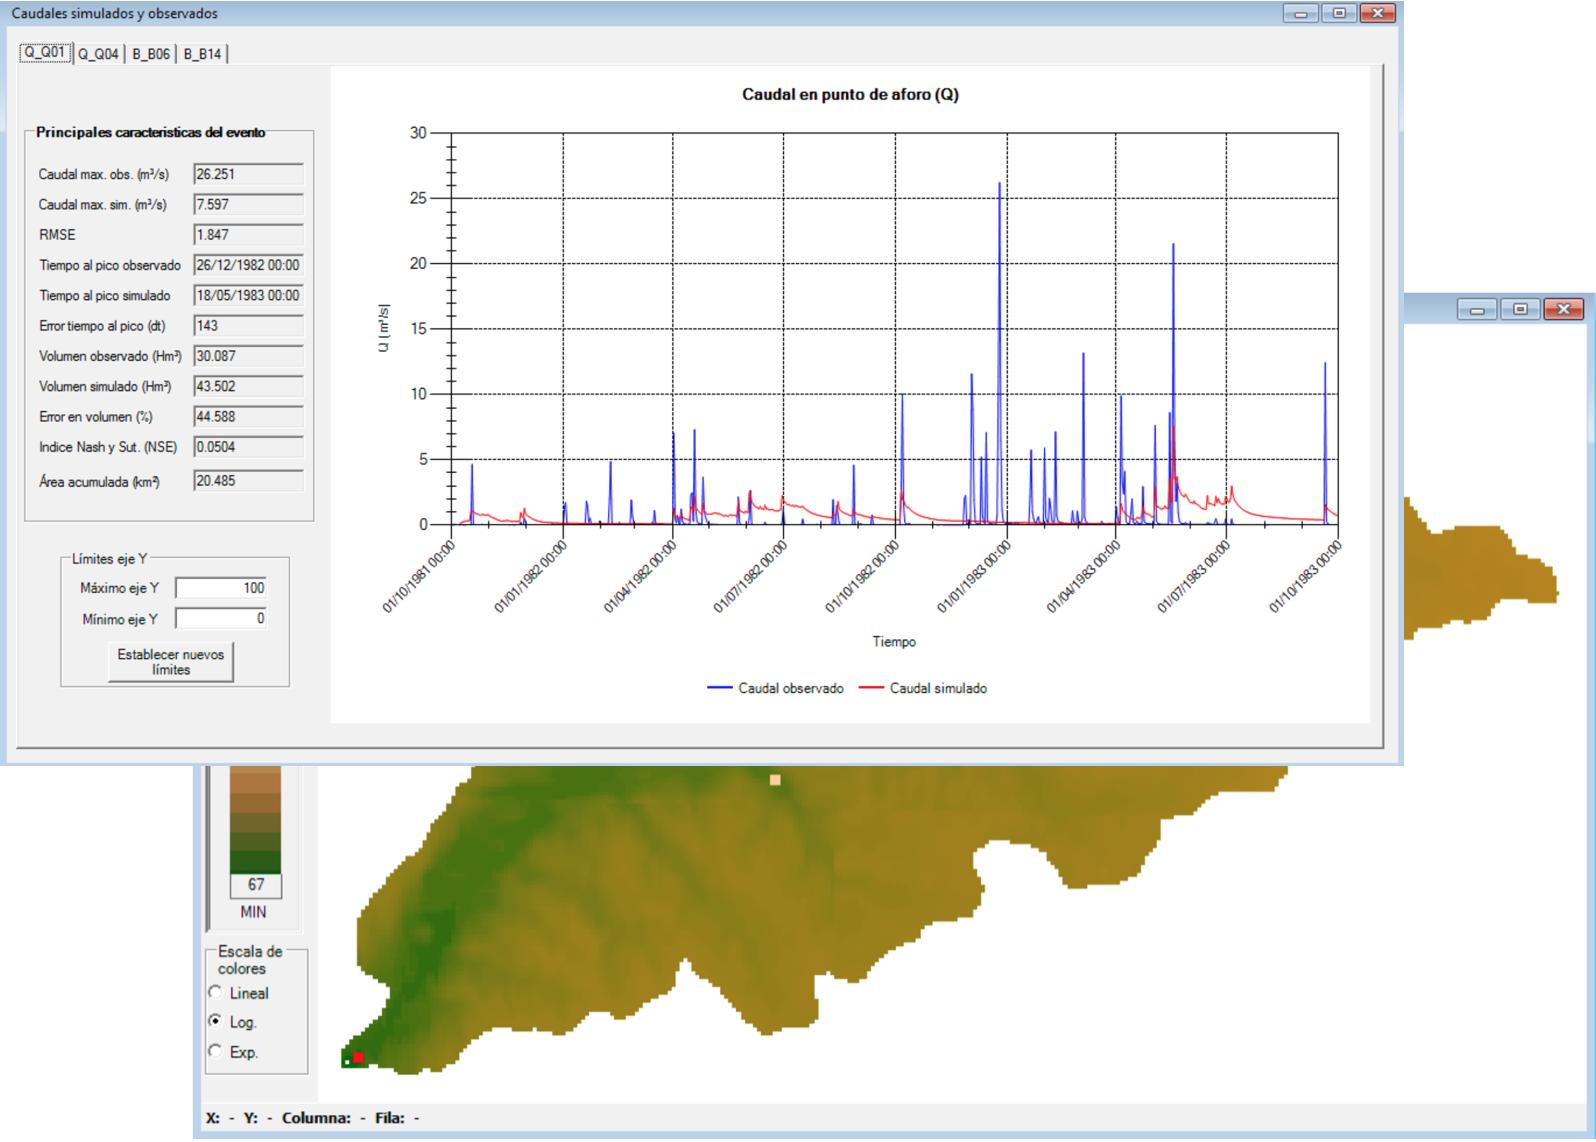 Datos de salida y representación de mapas de TETIS (fuente: Manual TETIS)